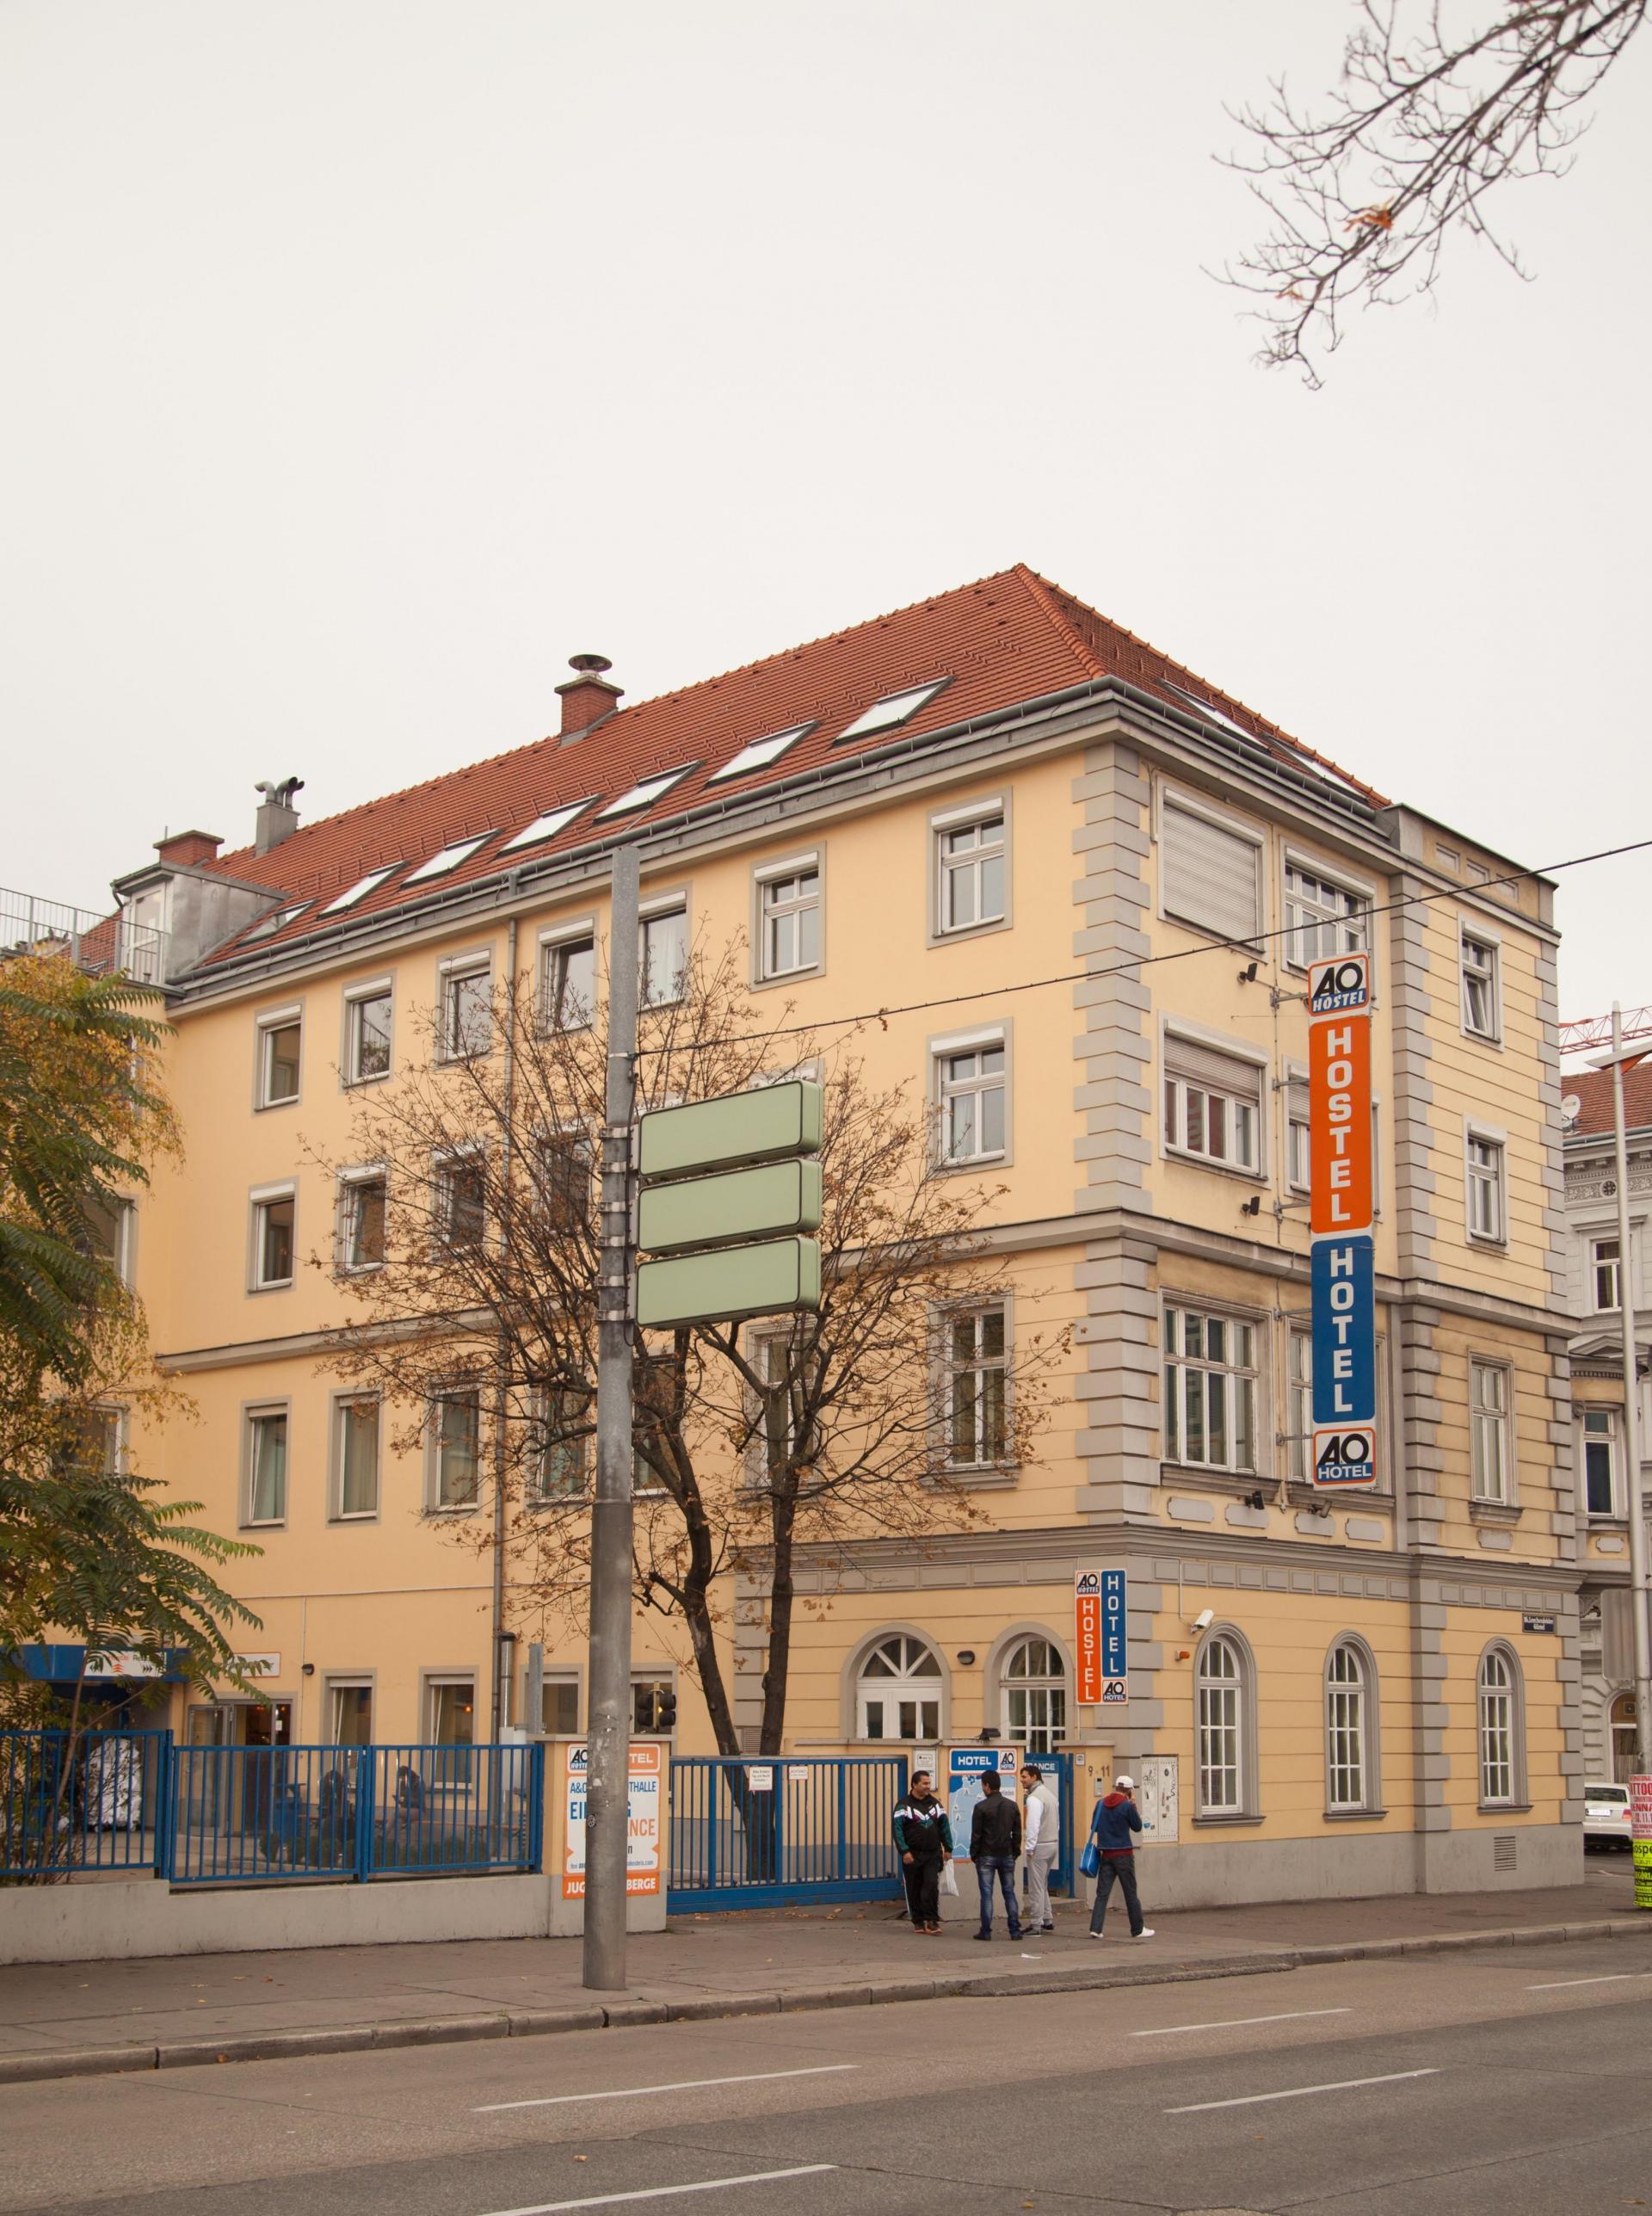 A&O Wien Stadthalle Hostel